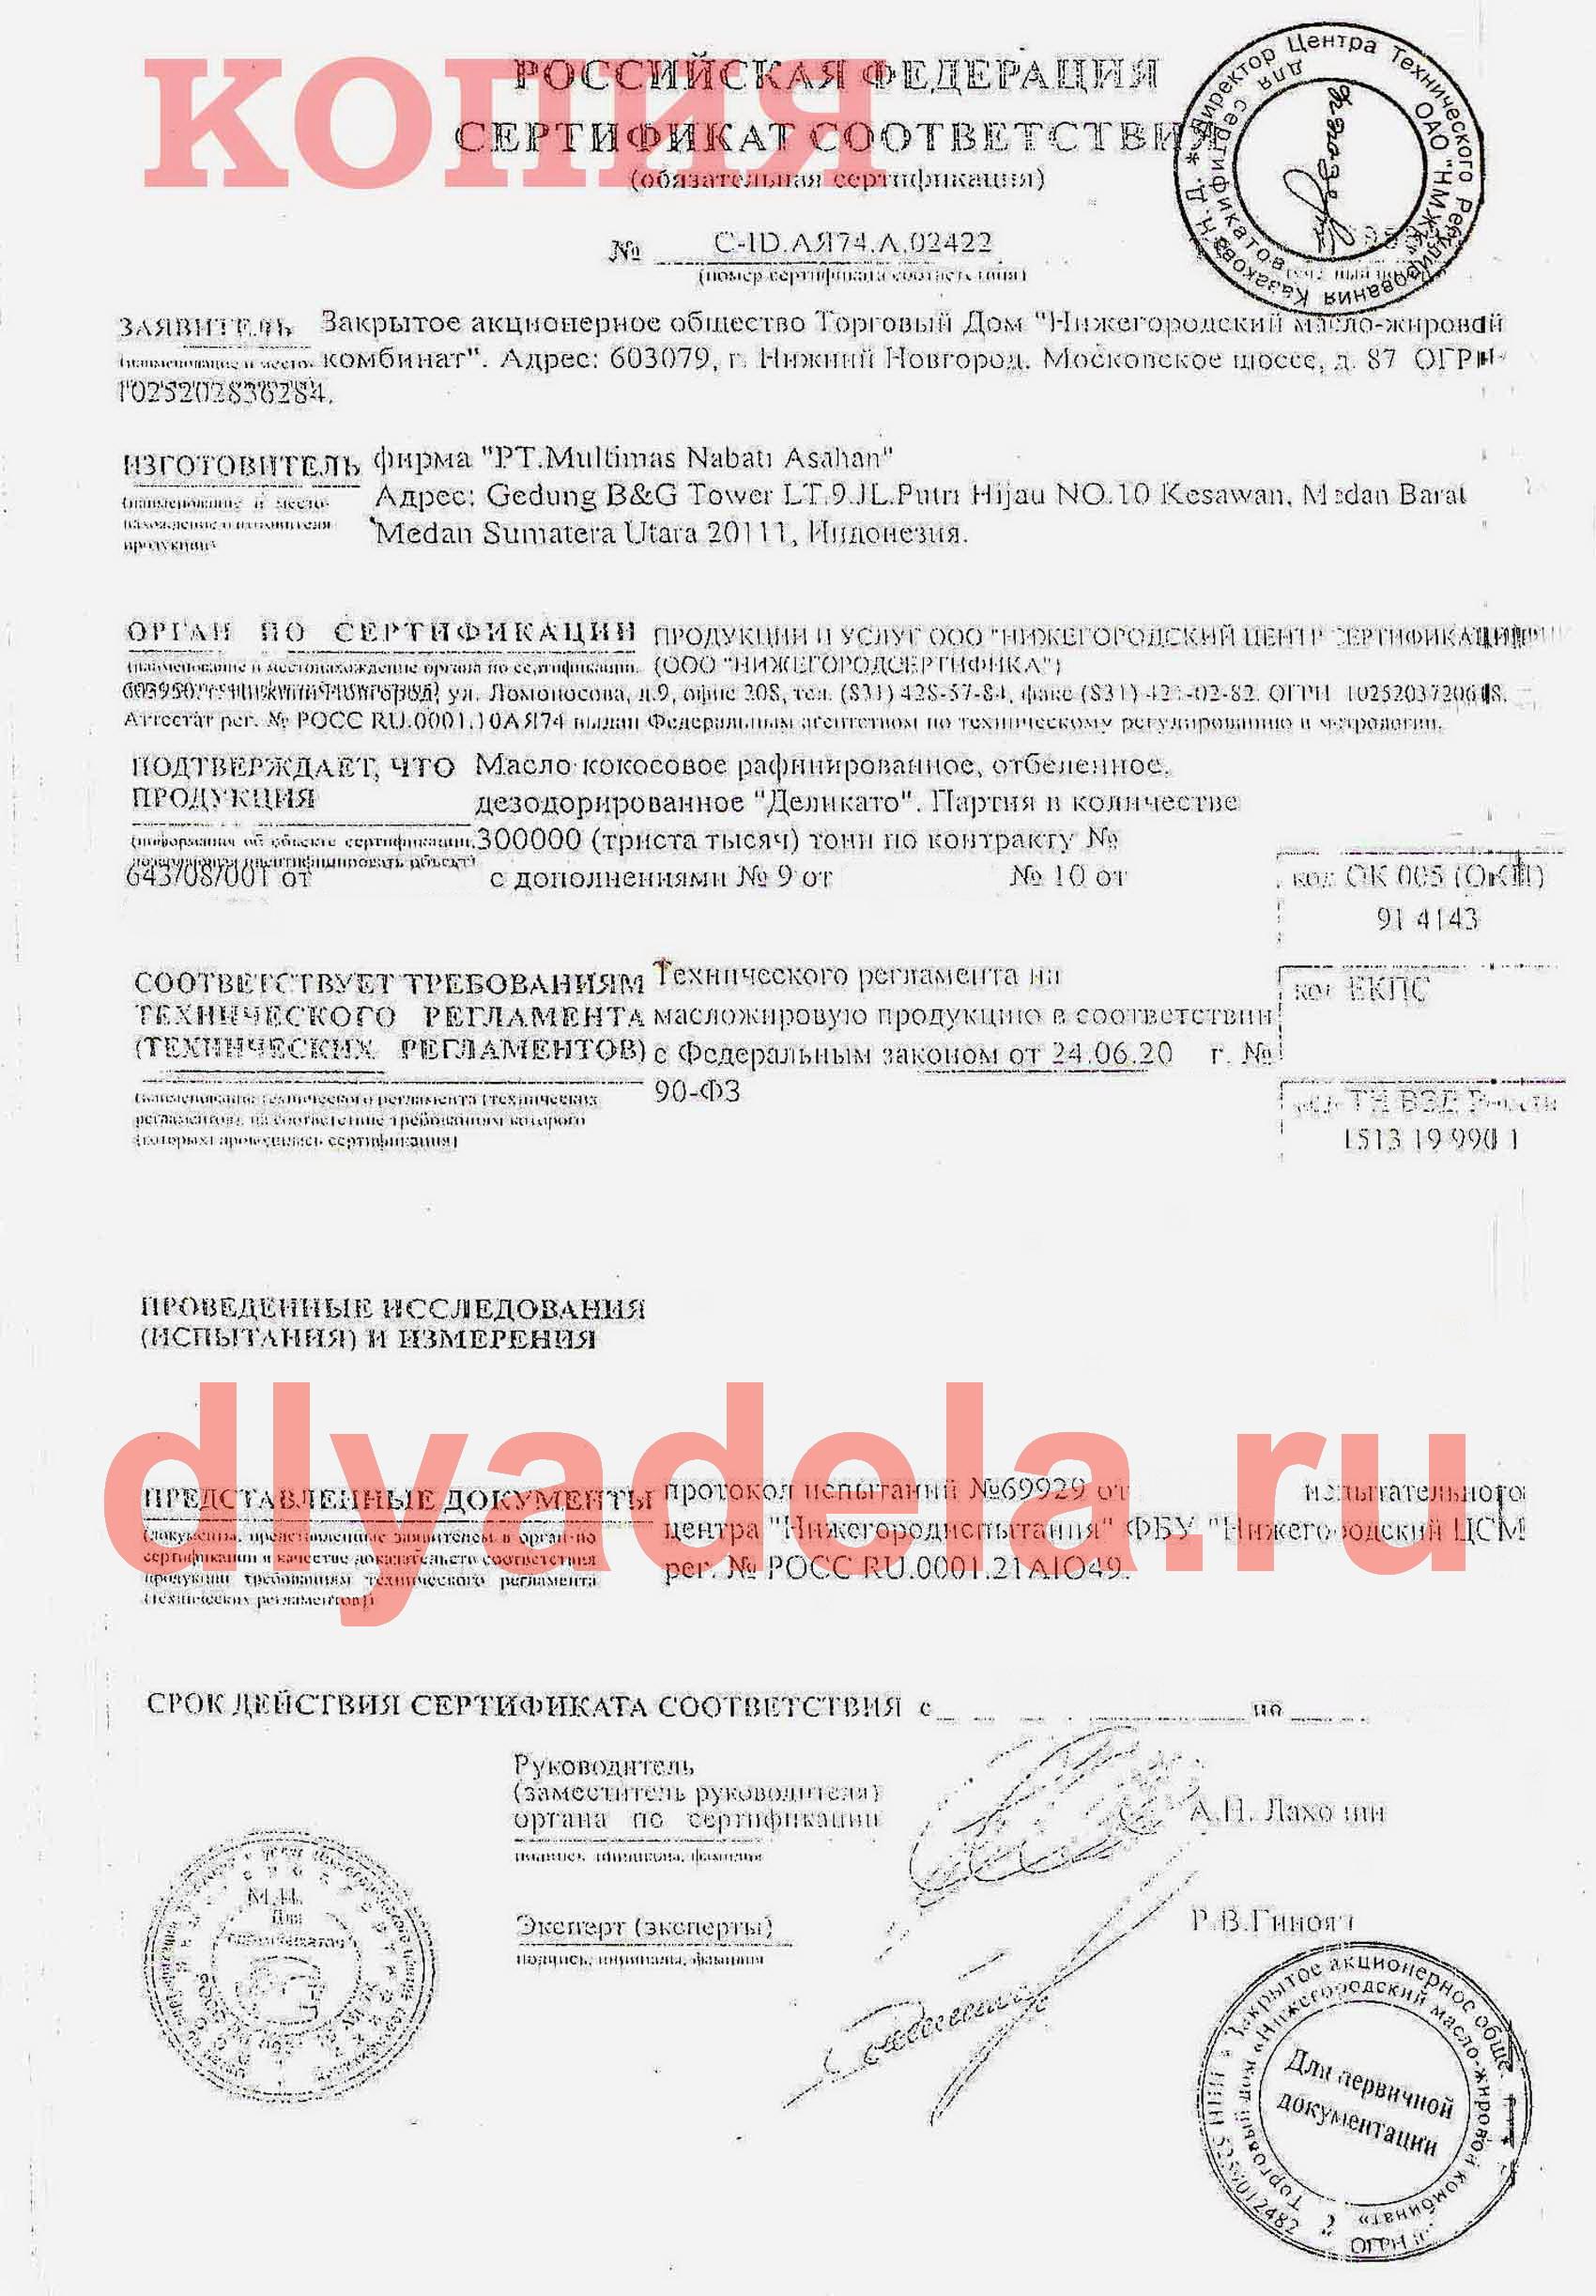 Сертификат соответствия кокосового масла